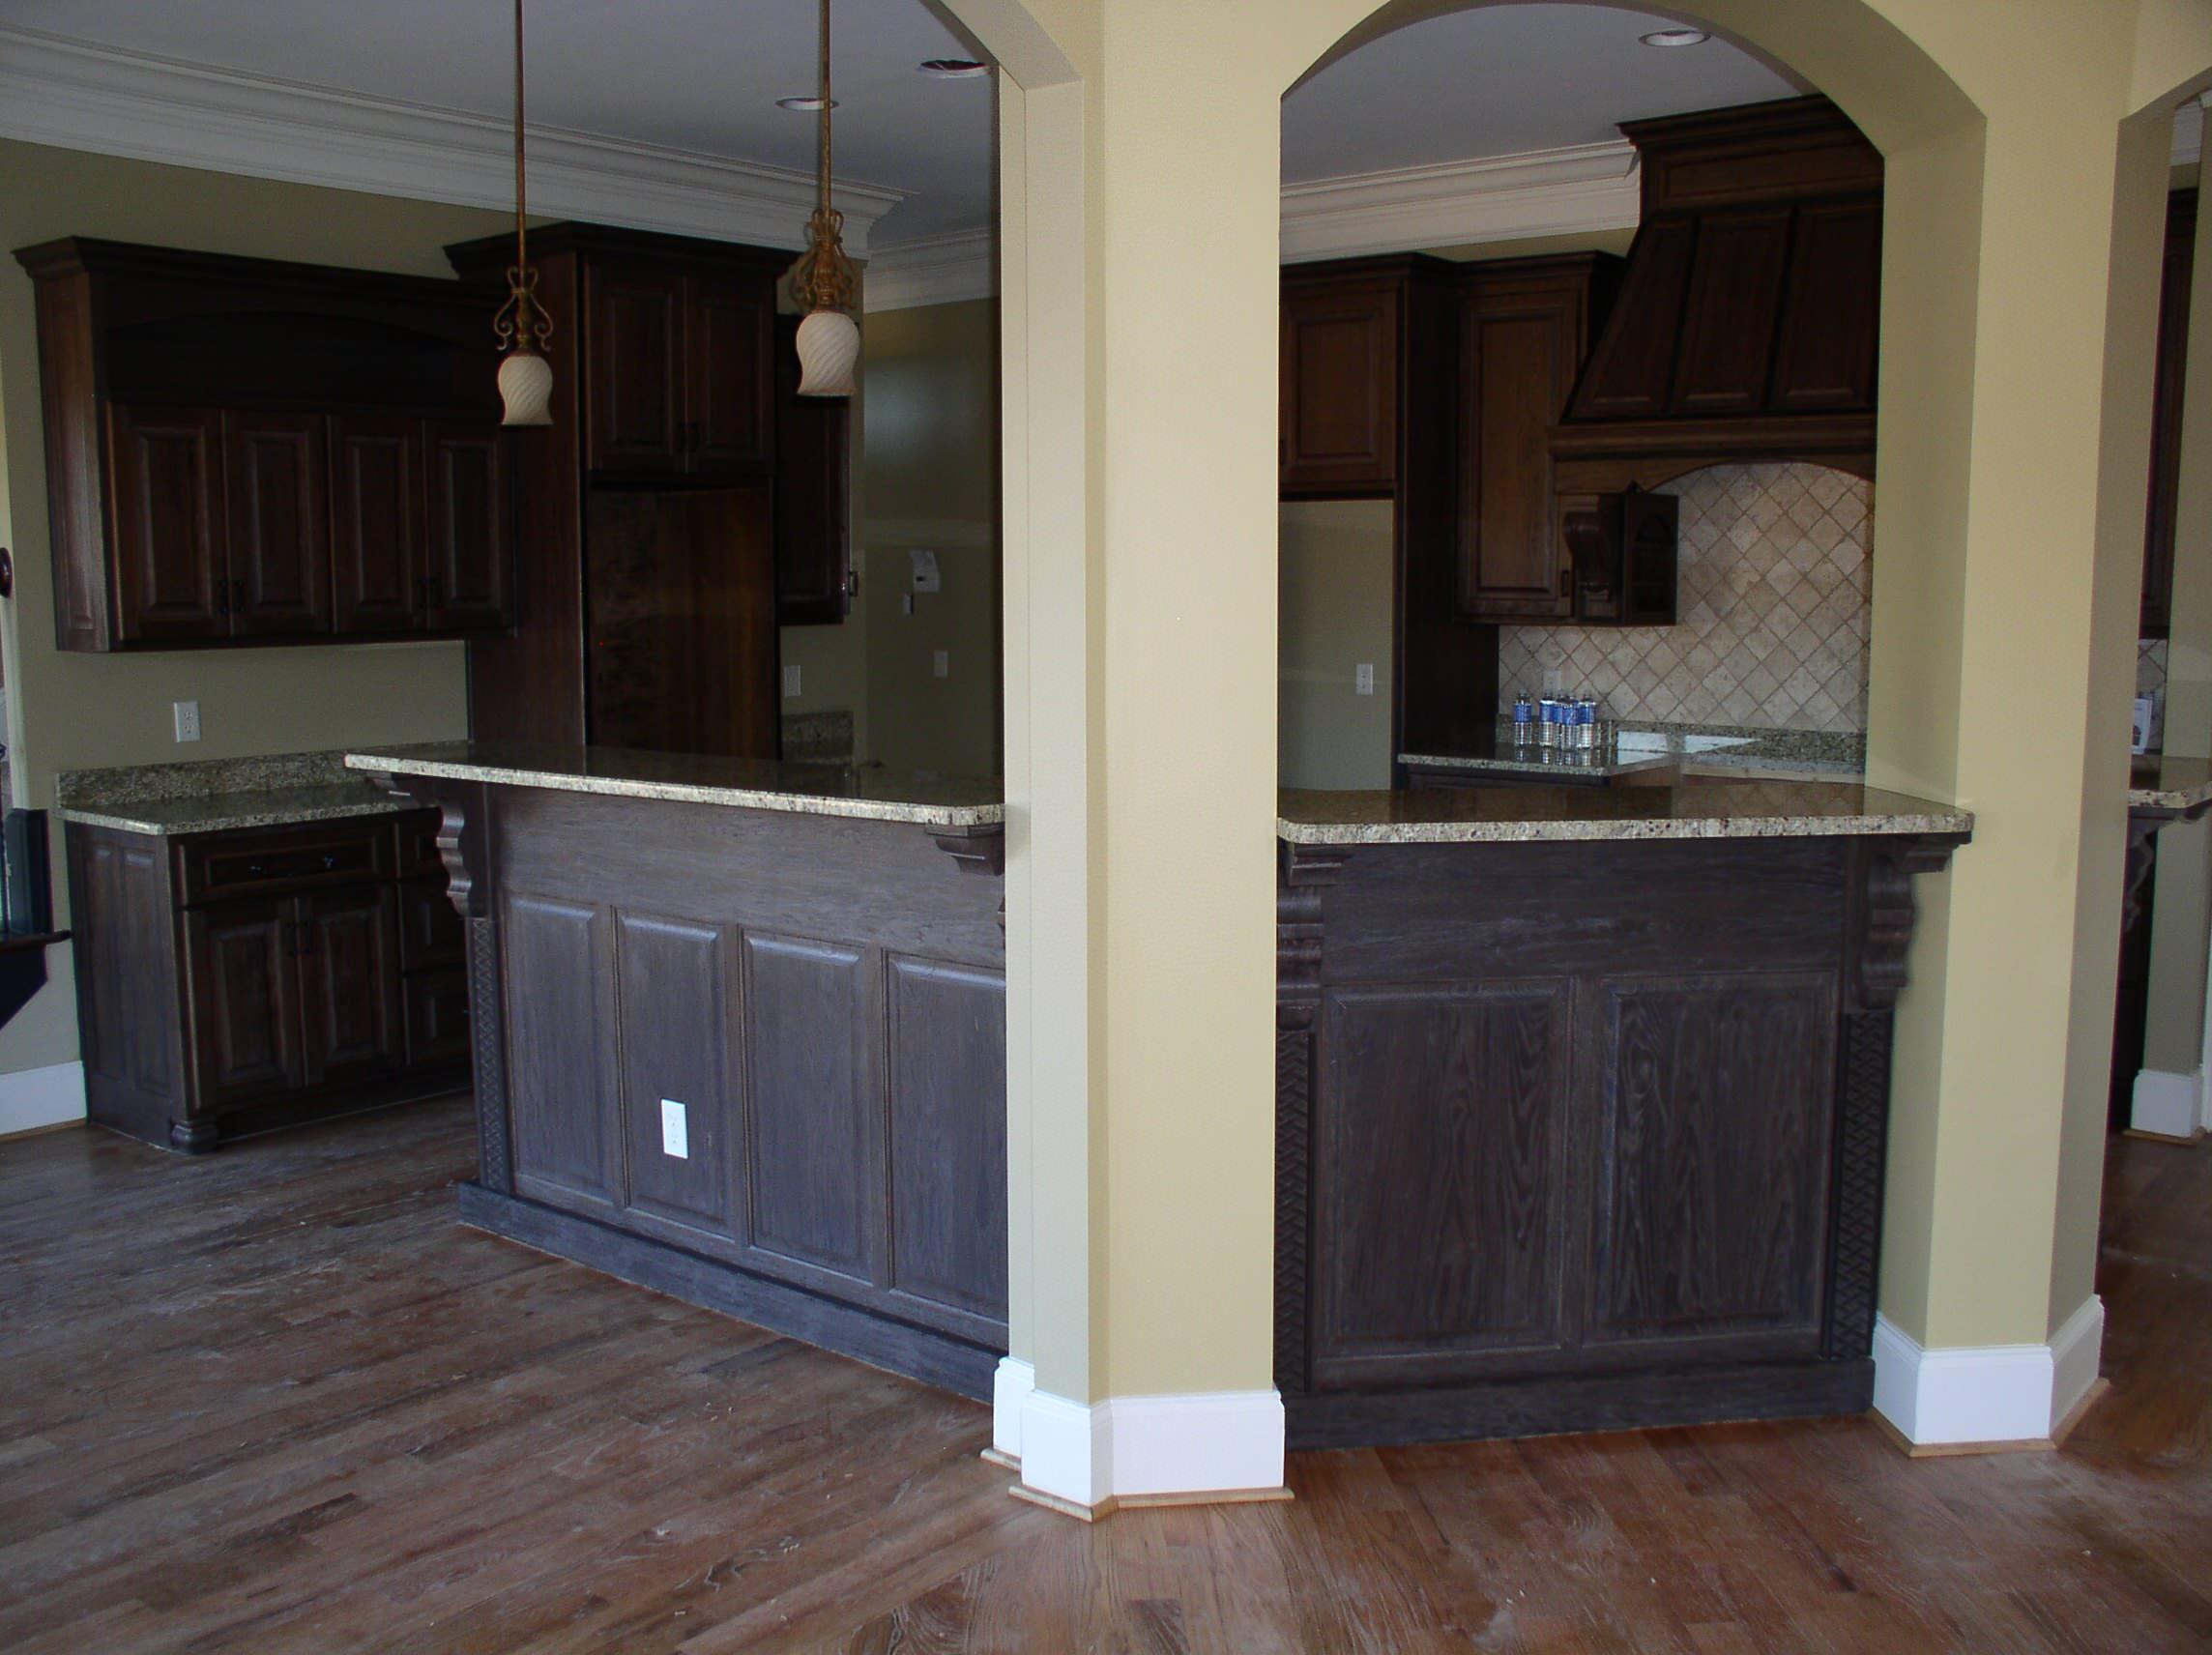 Kitchens